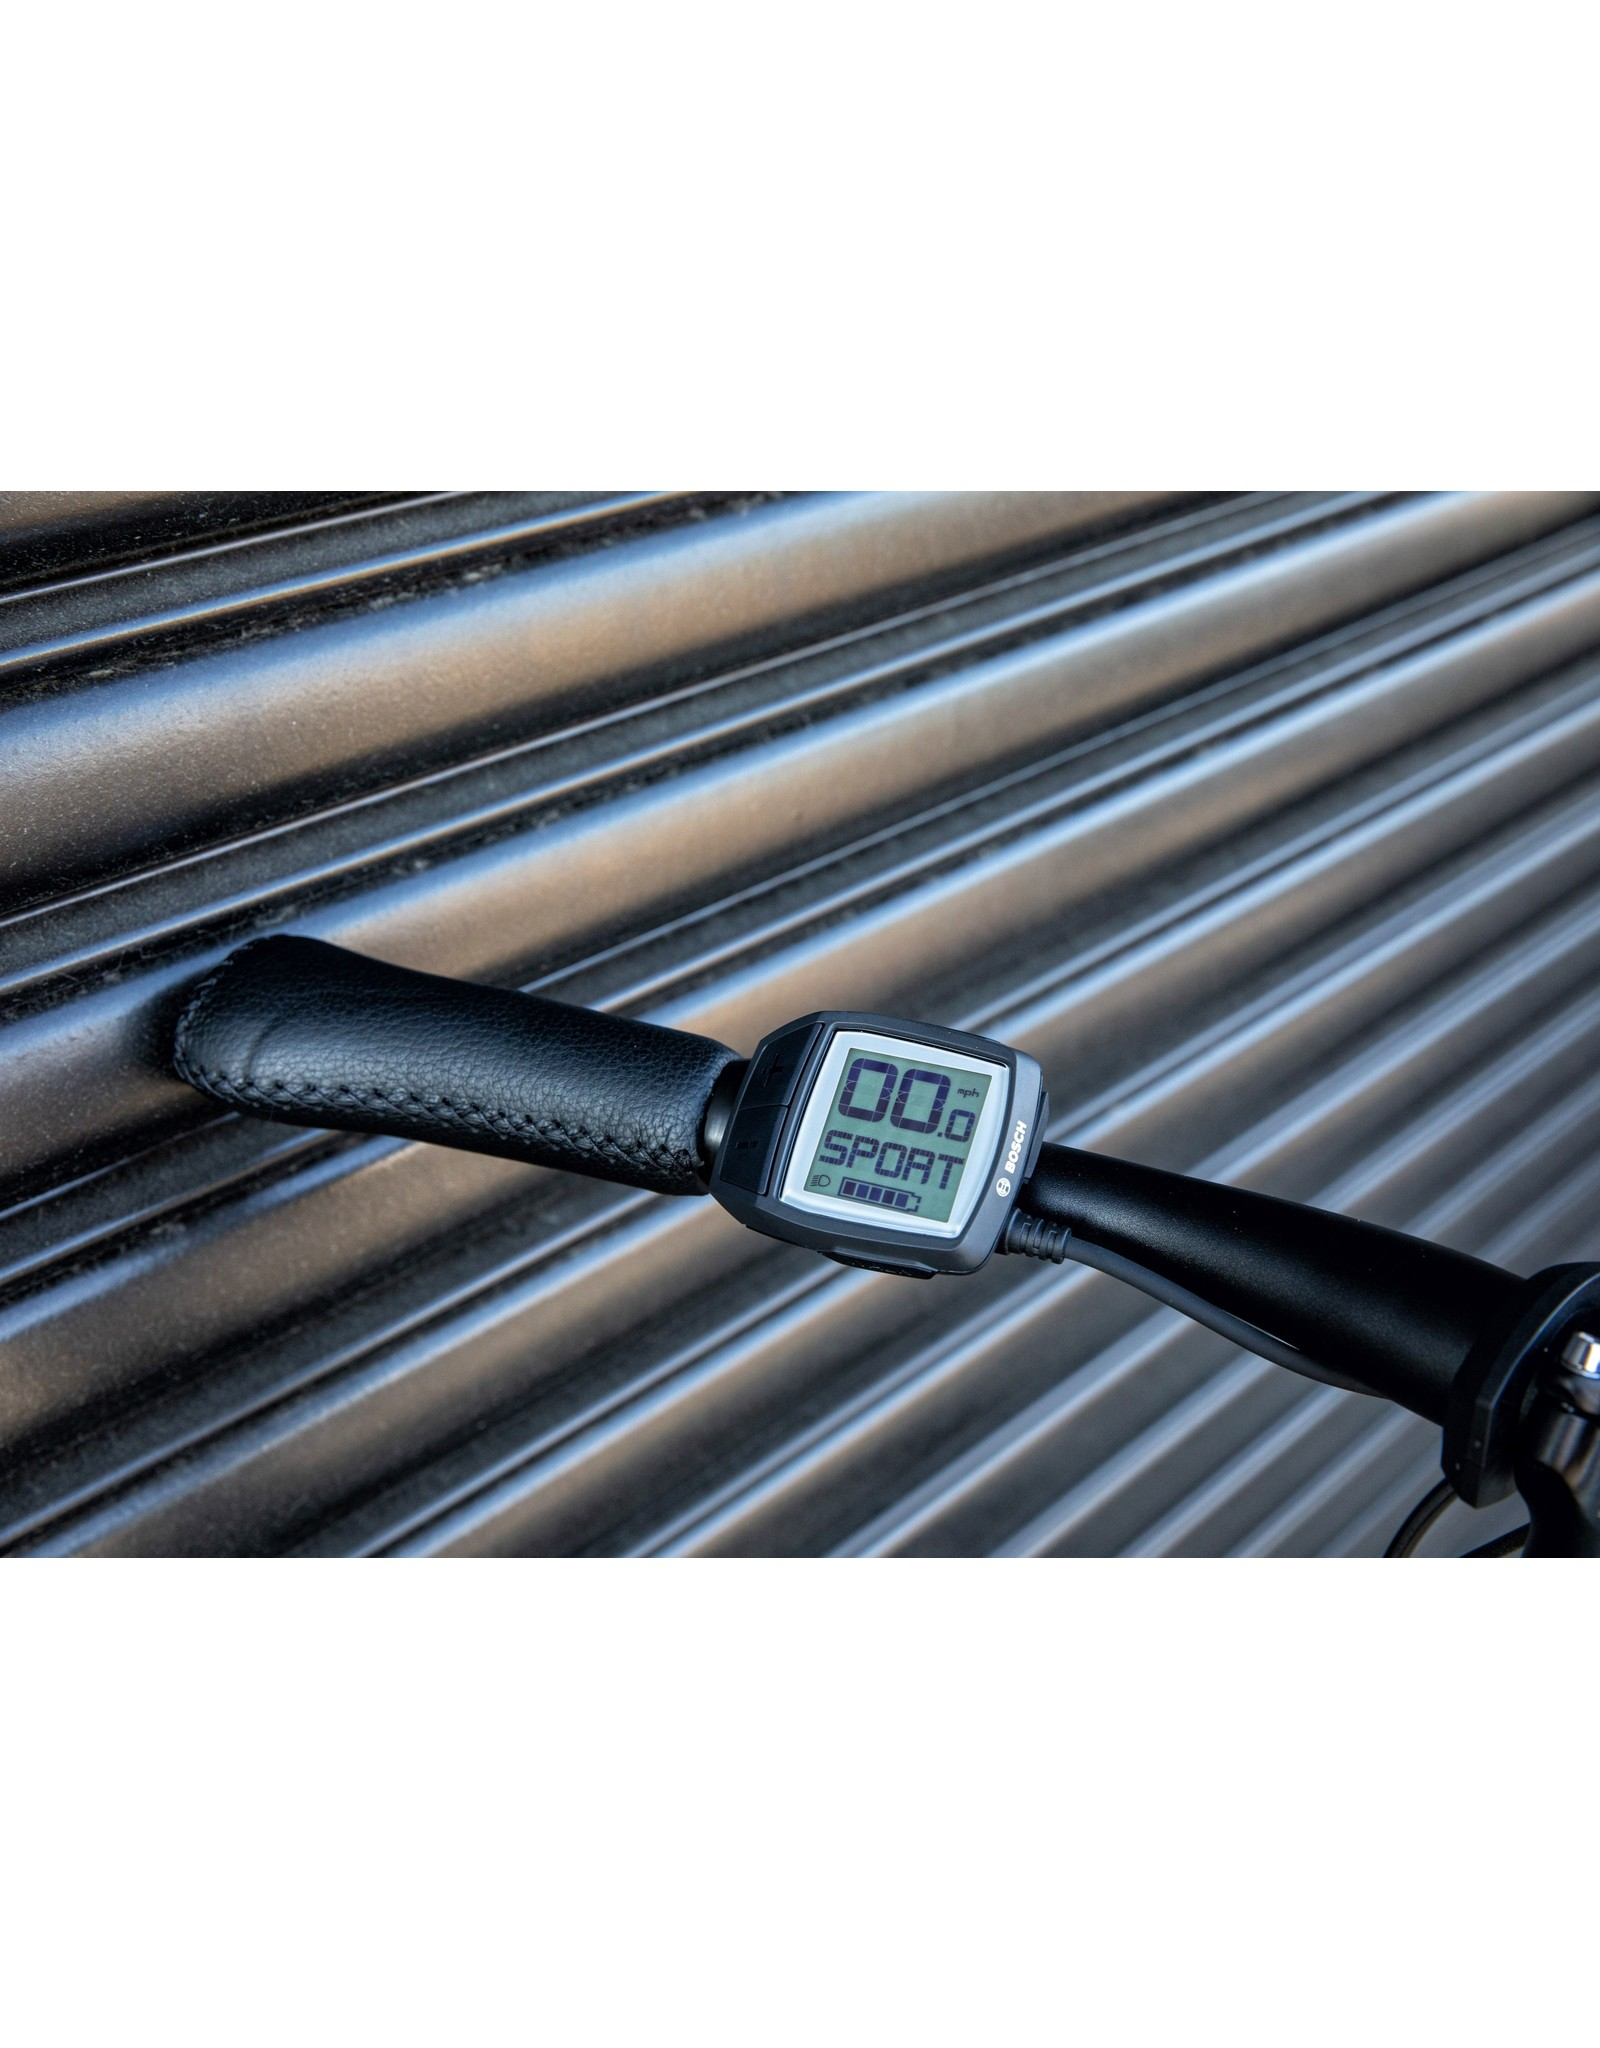 GAZELLE GAZELLE ULTIMATE C8 LOW-STEP PETROL MATTE VÉLO ÉLECTRIQUE